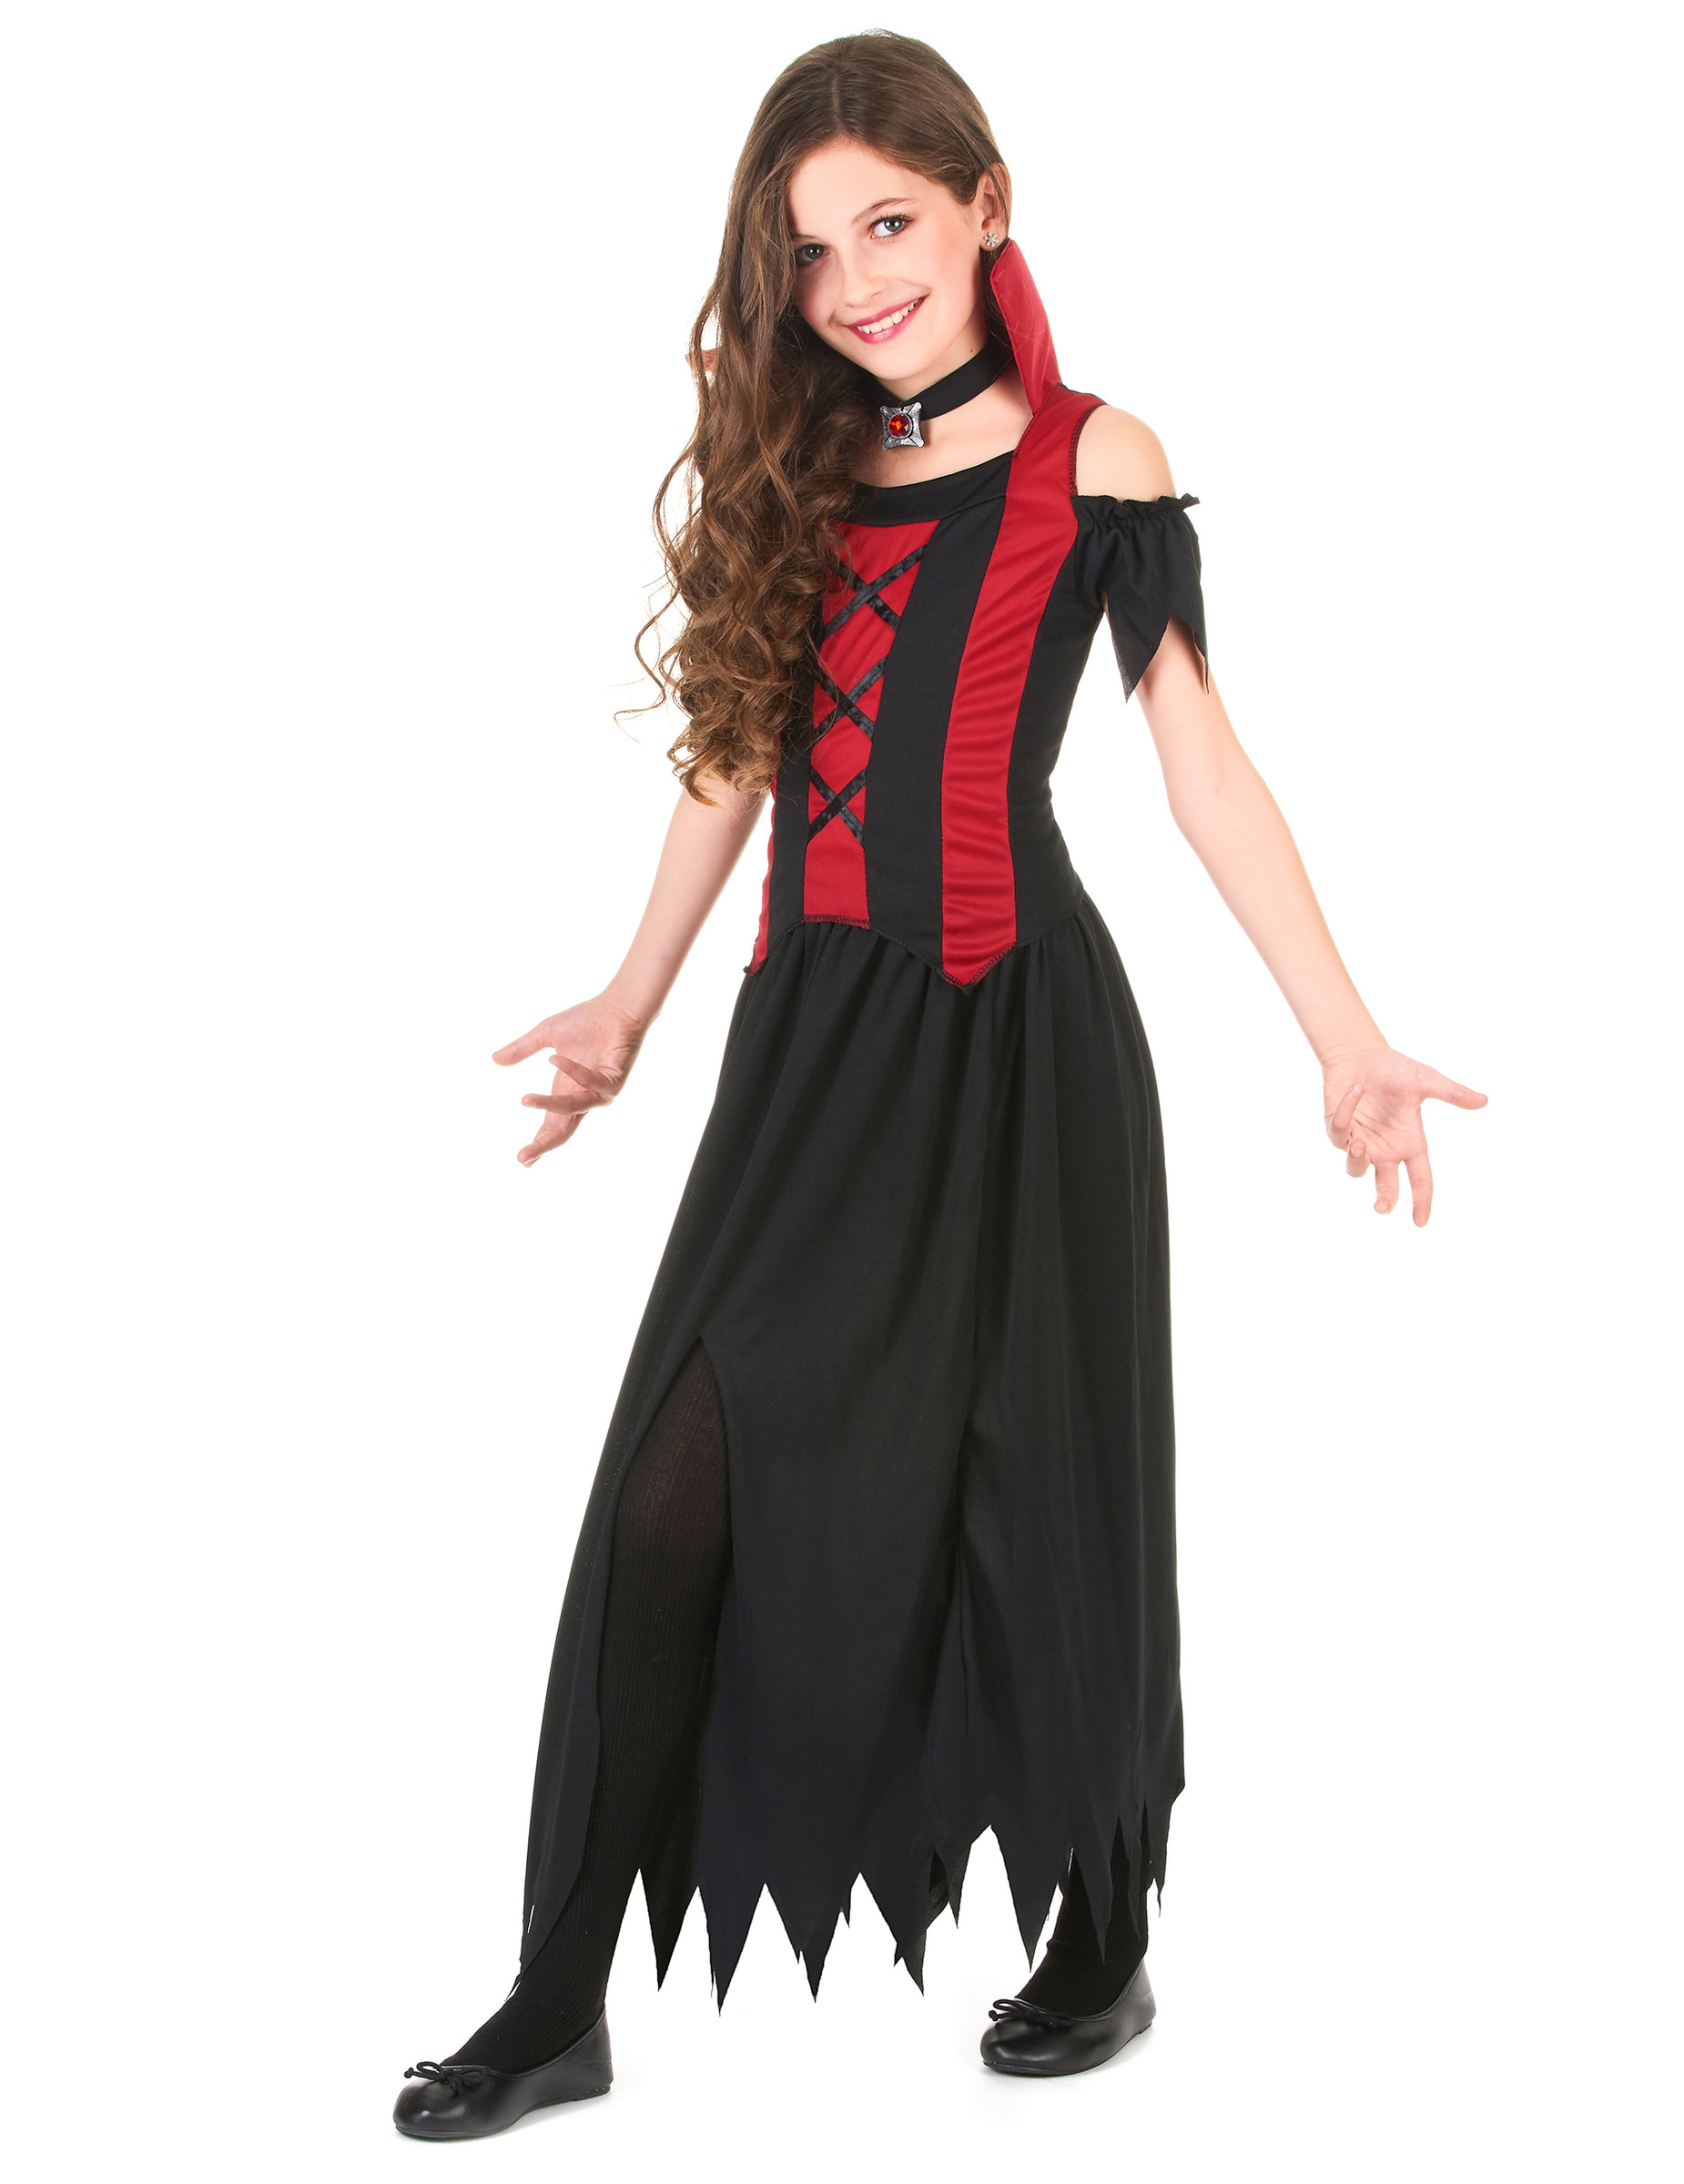 Halloween Kleding Maken.Halloween Kostuums Voor Kinder Halloween Feestkleding Voor